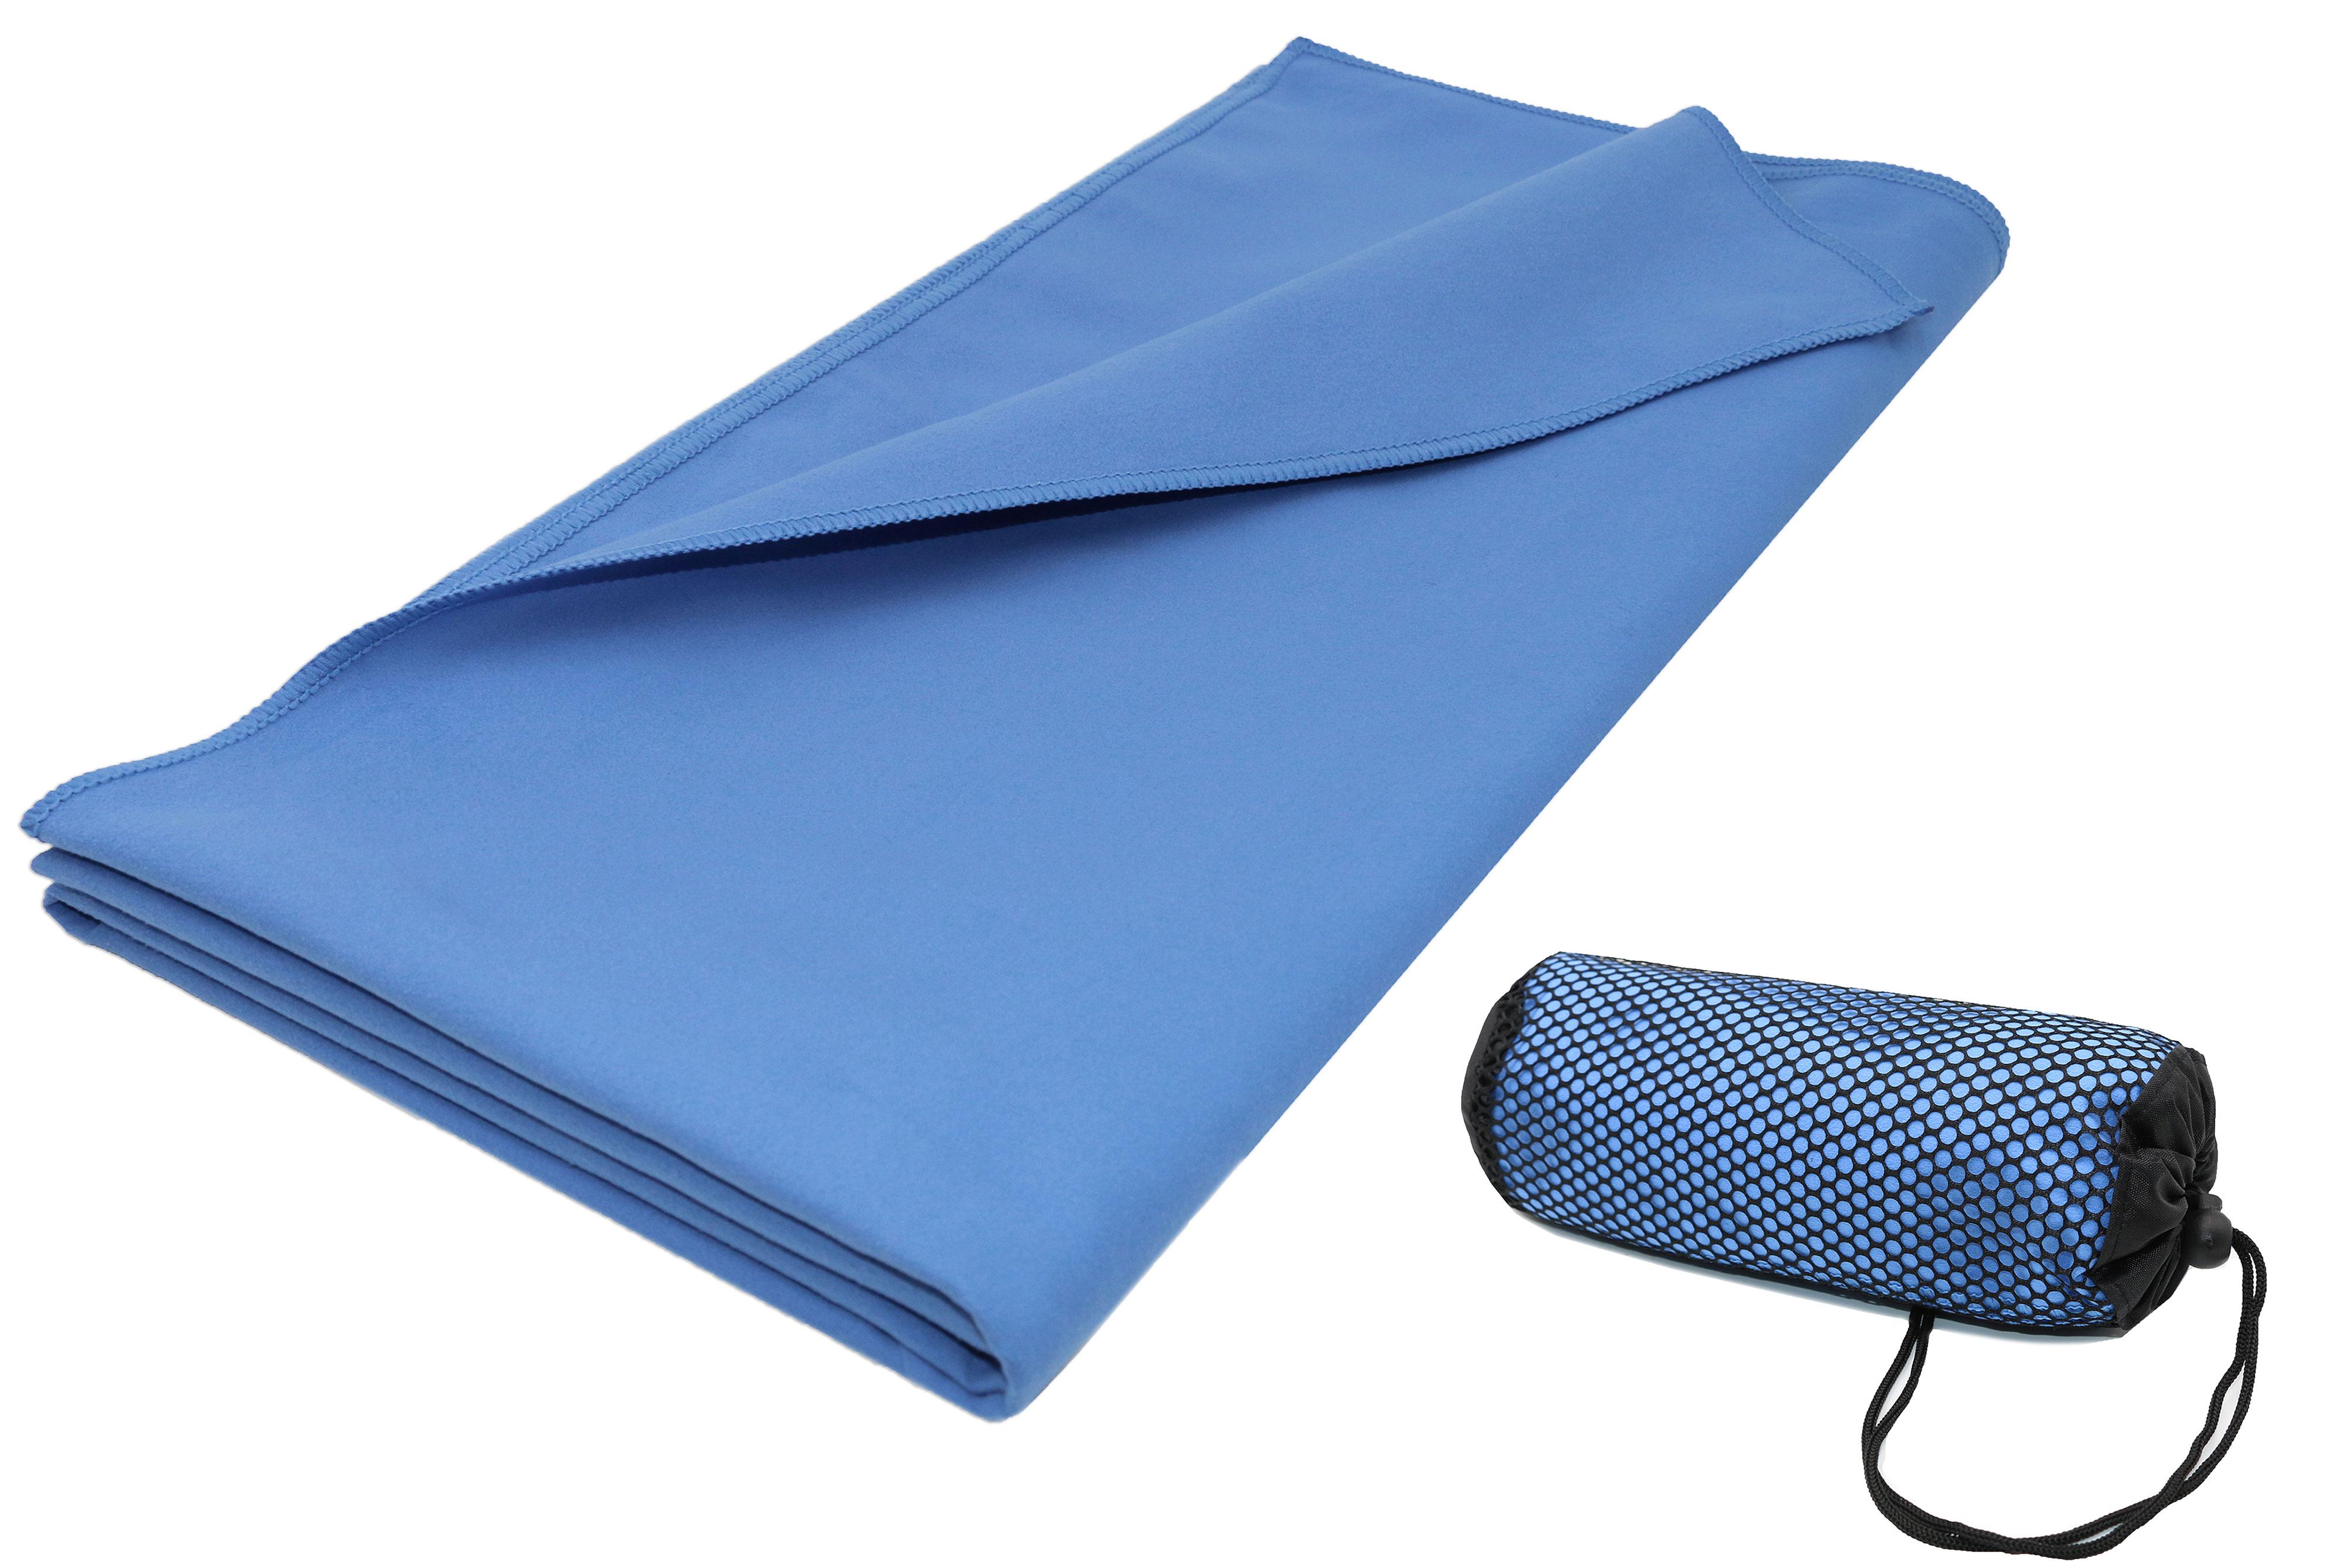 towel sporthandtuch trainingshandtuch handtuch. Black Bedroom Furniture Sets. Home Design Ideas